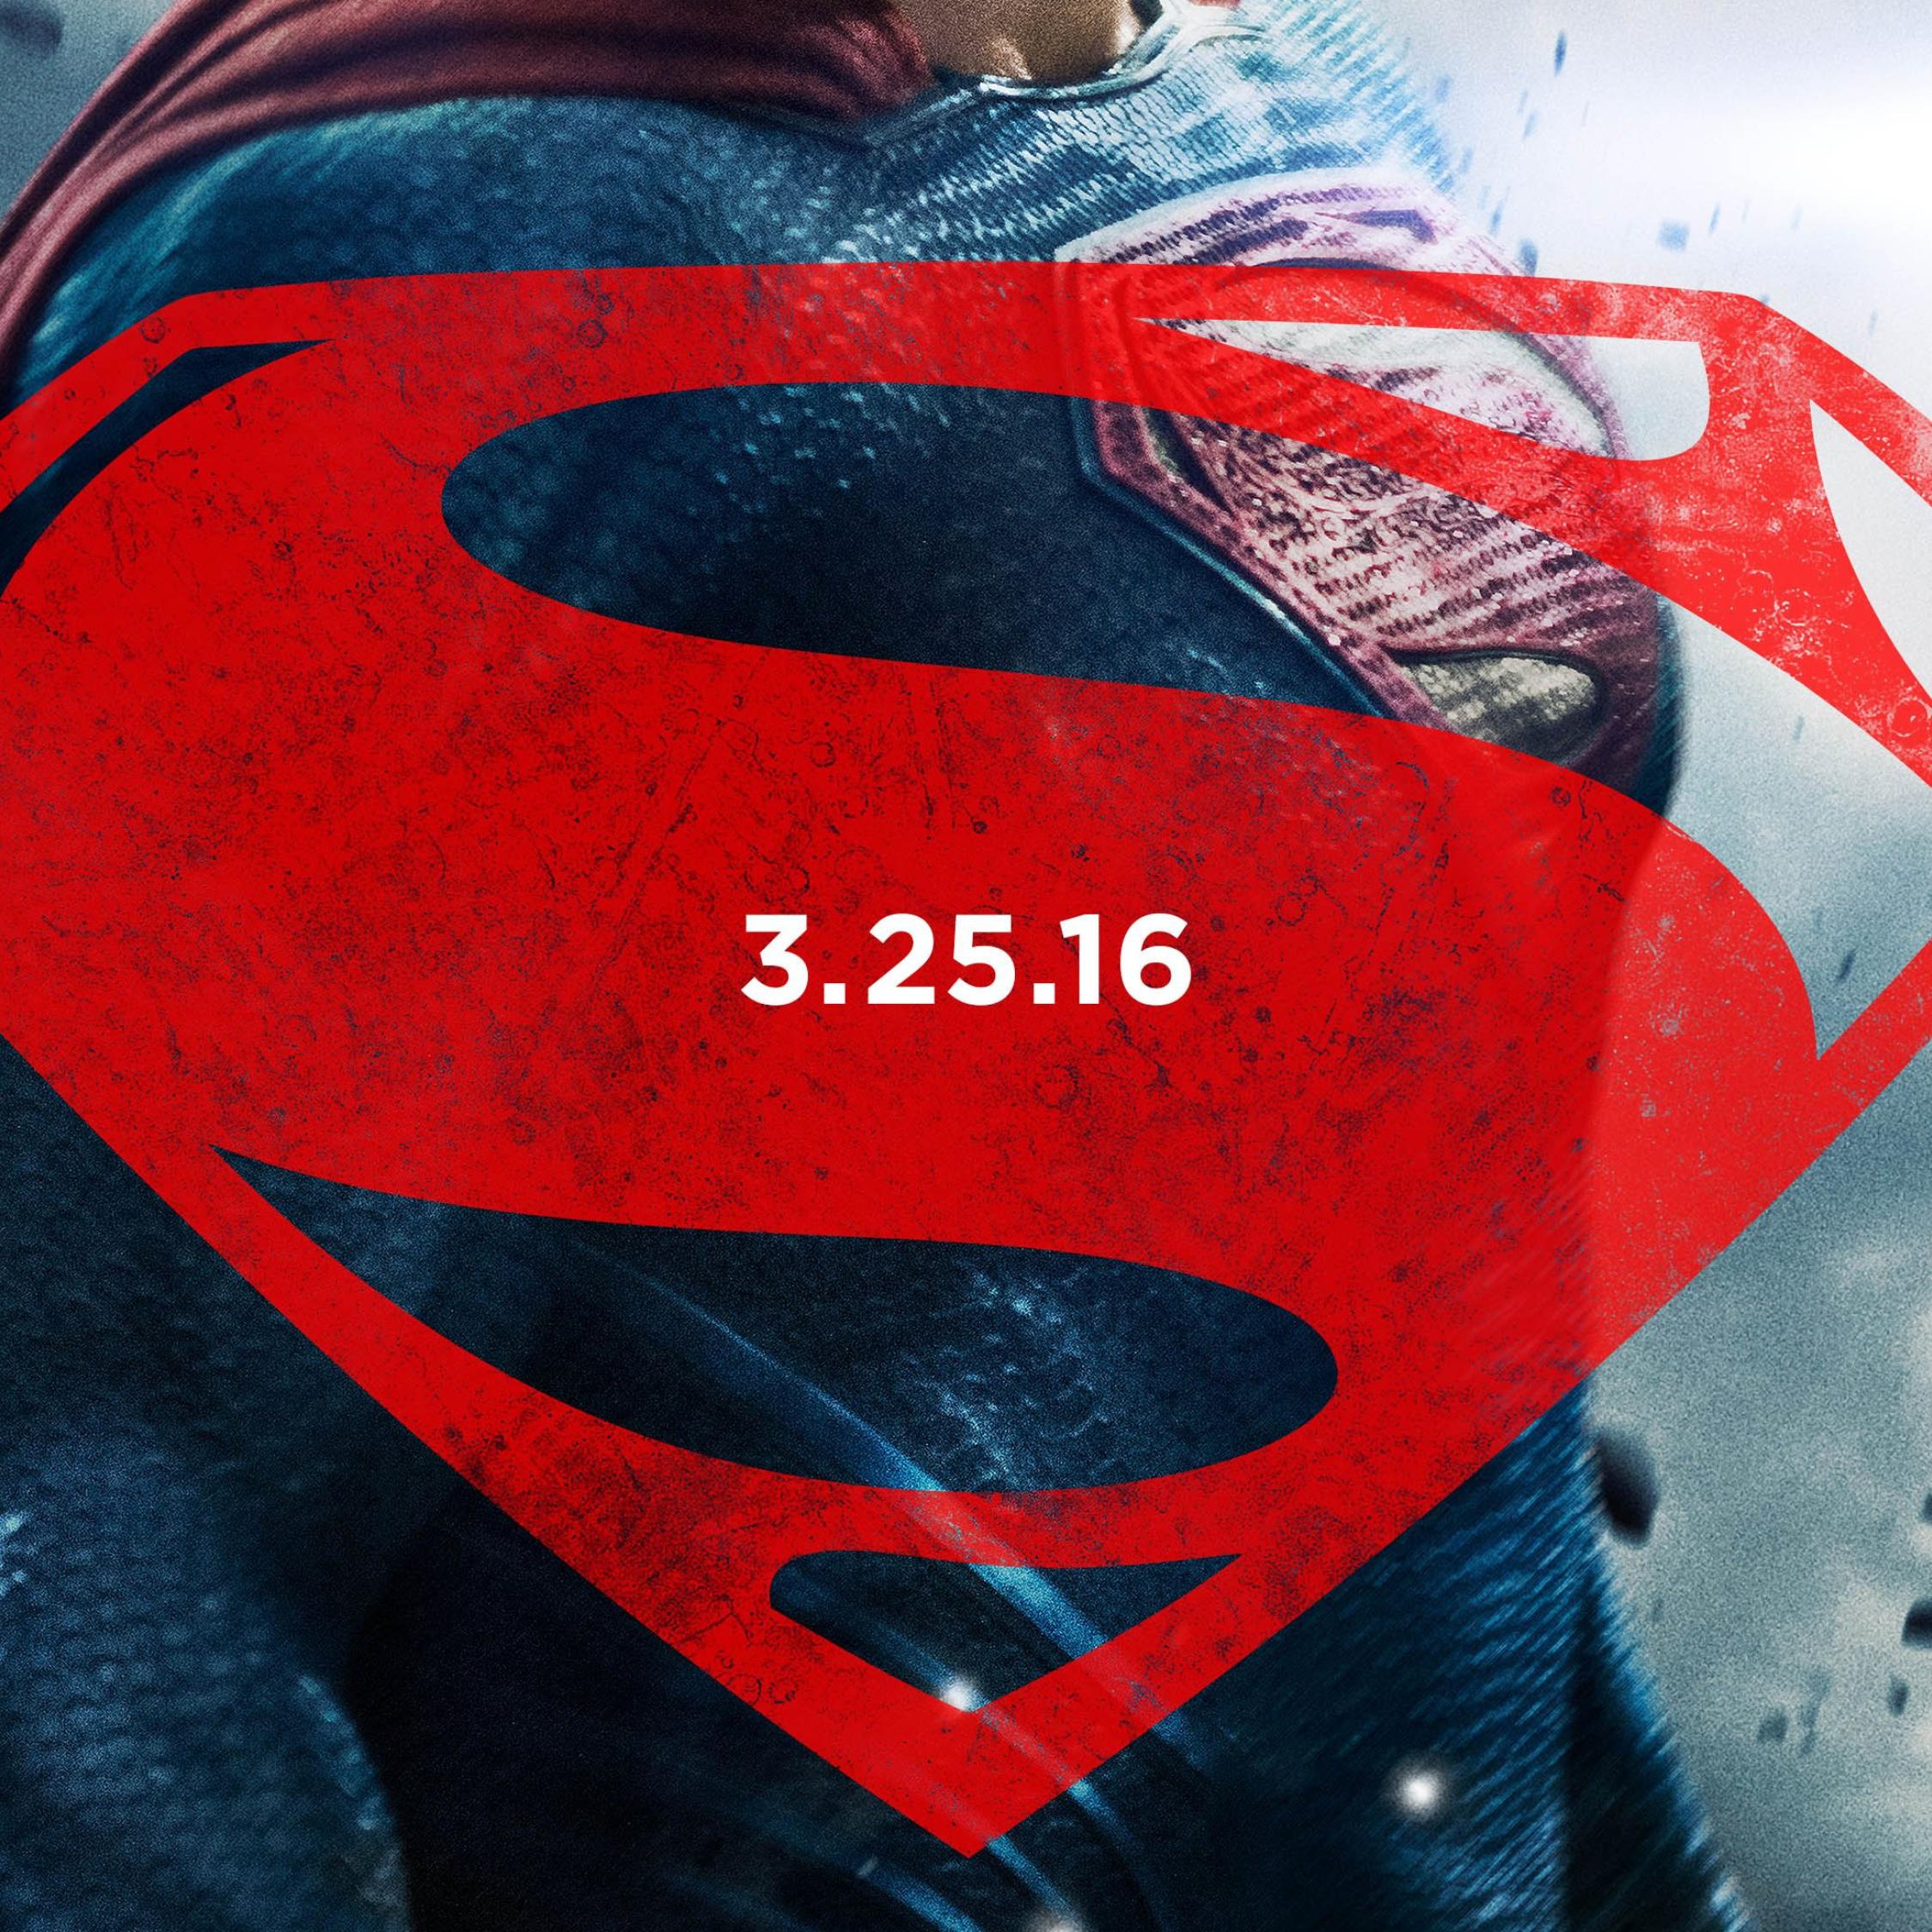 2248x2248 Batman Vs Superman Hd Wallpaper Download 2248x2248